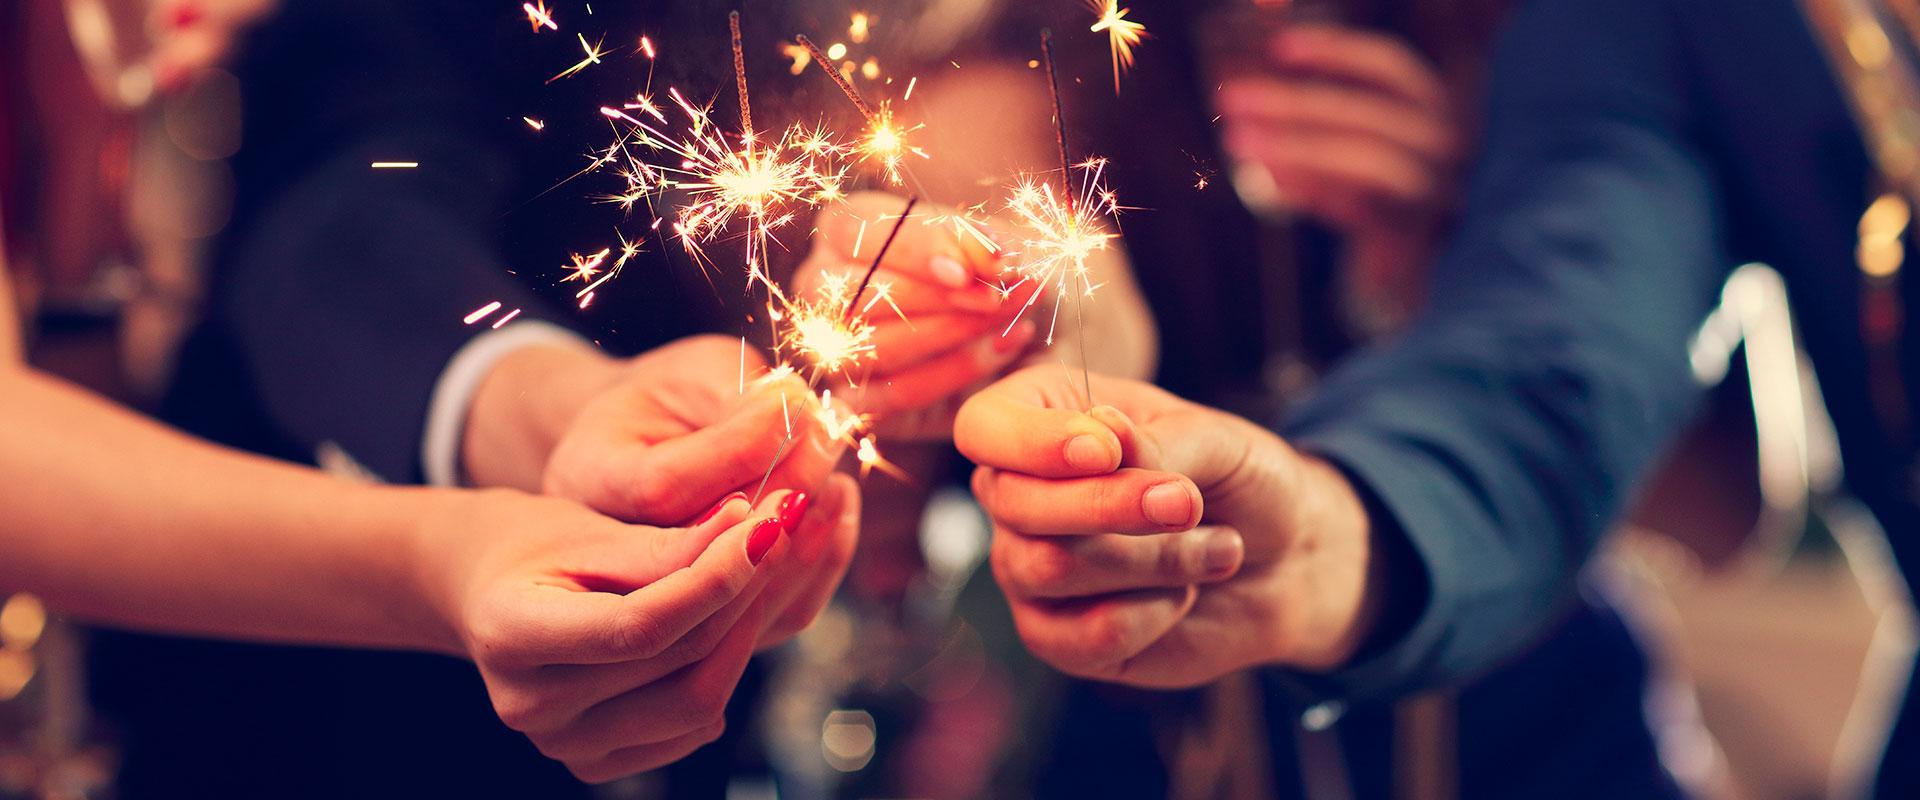 Personas festejando el 31 de diciembre con luces de bengala.